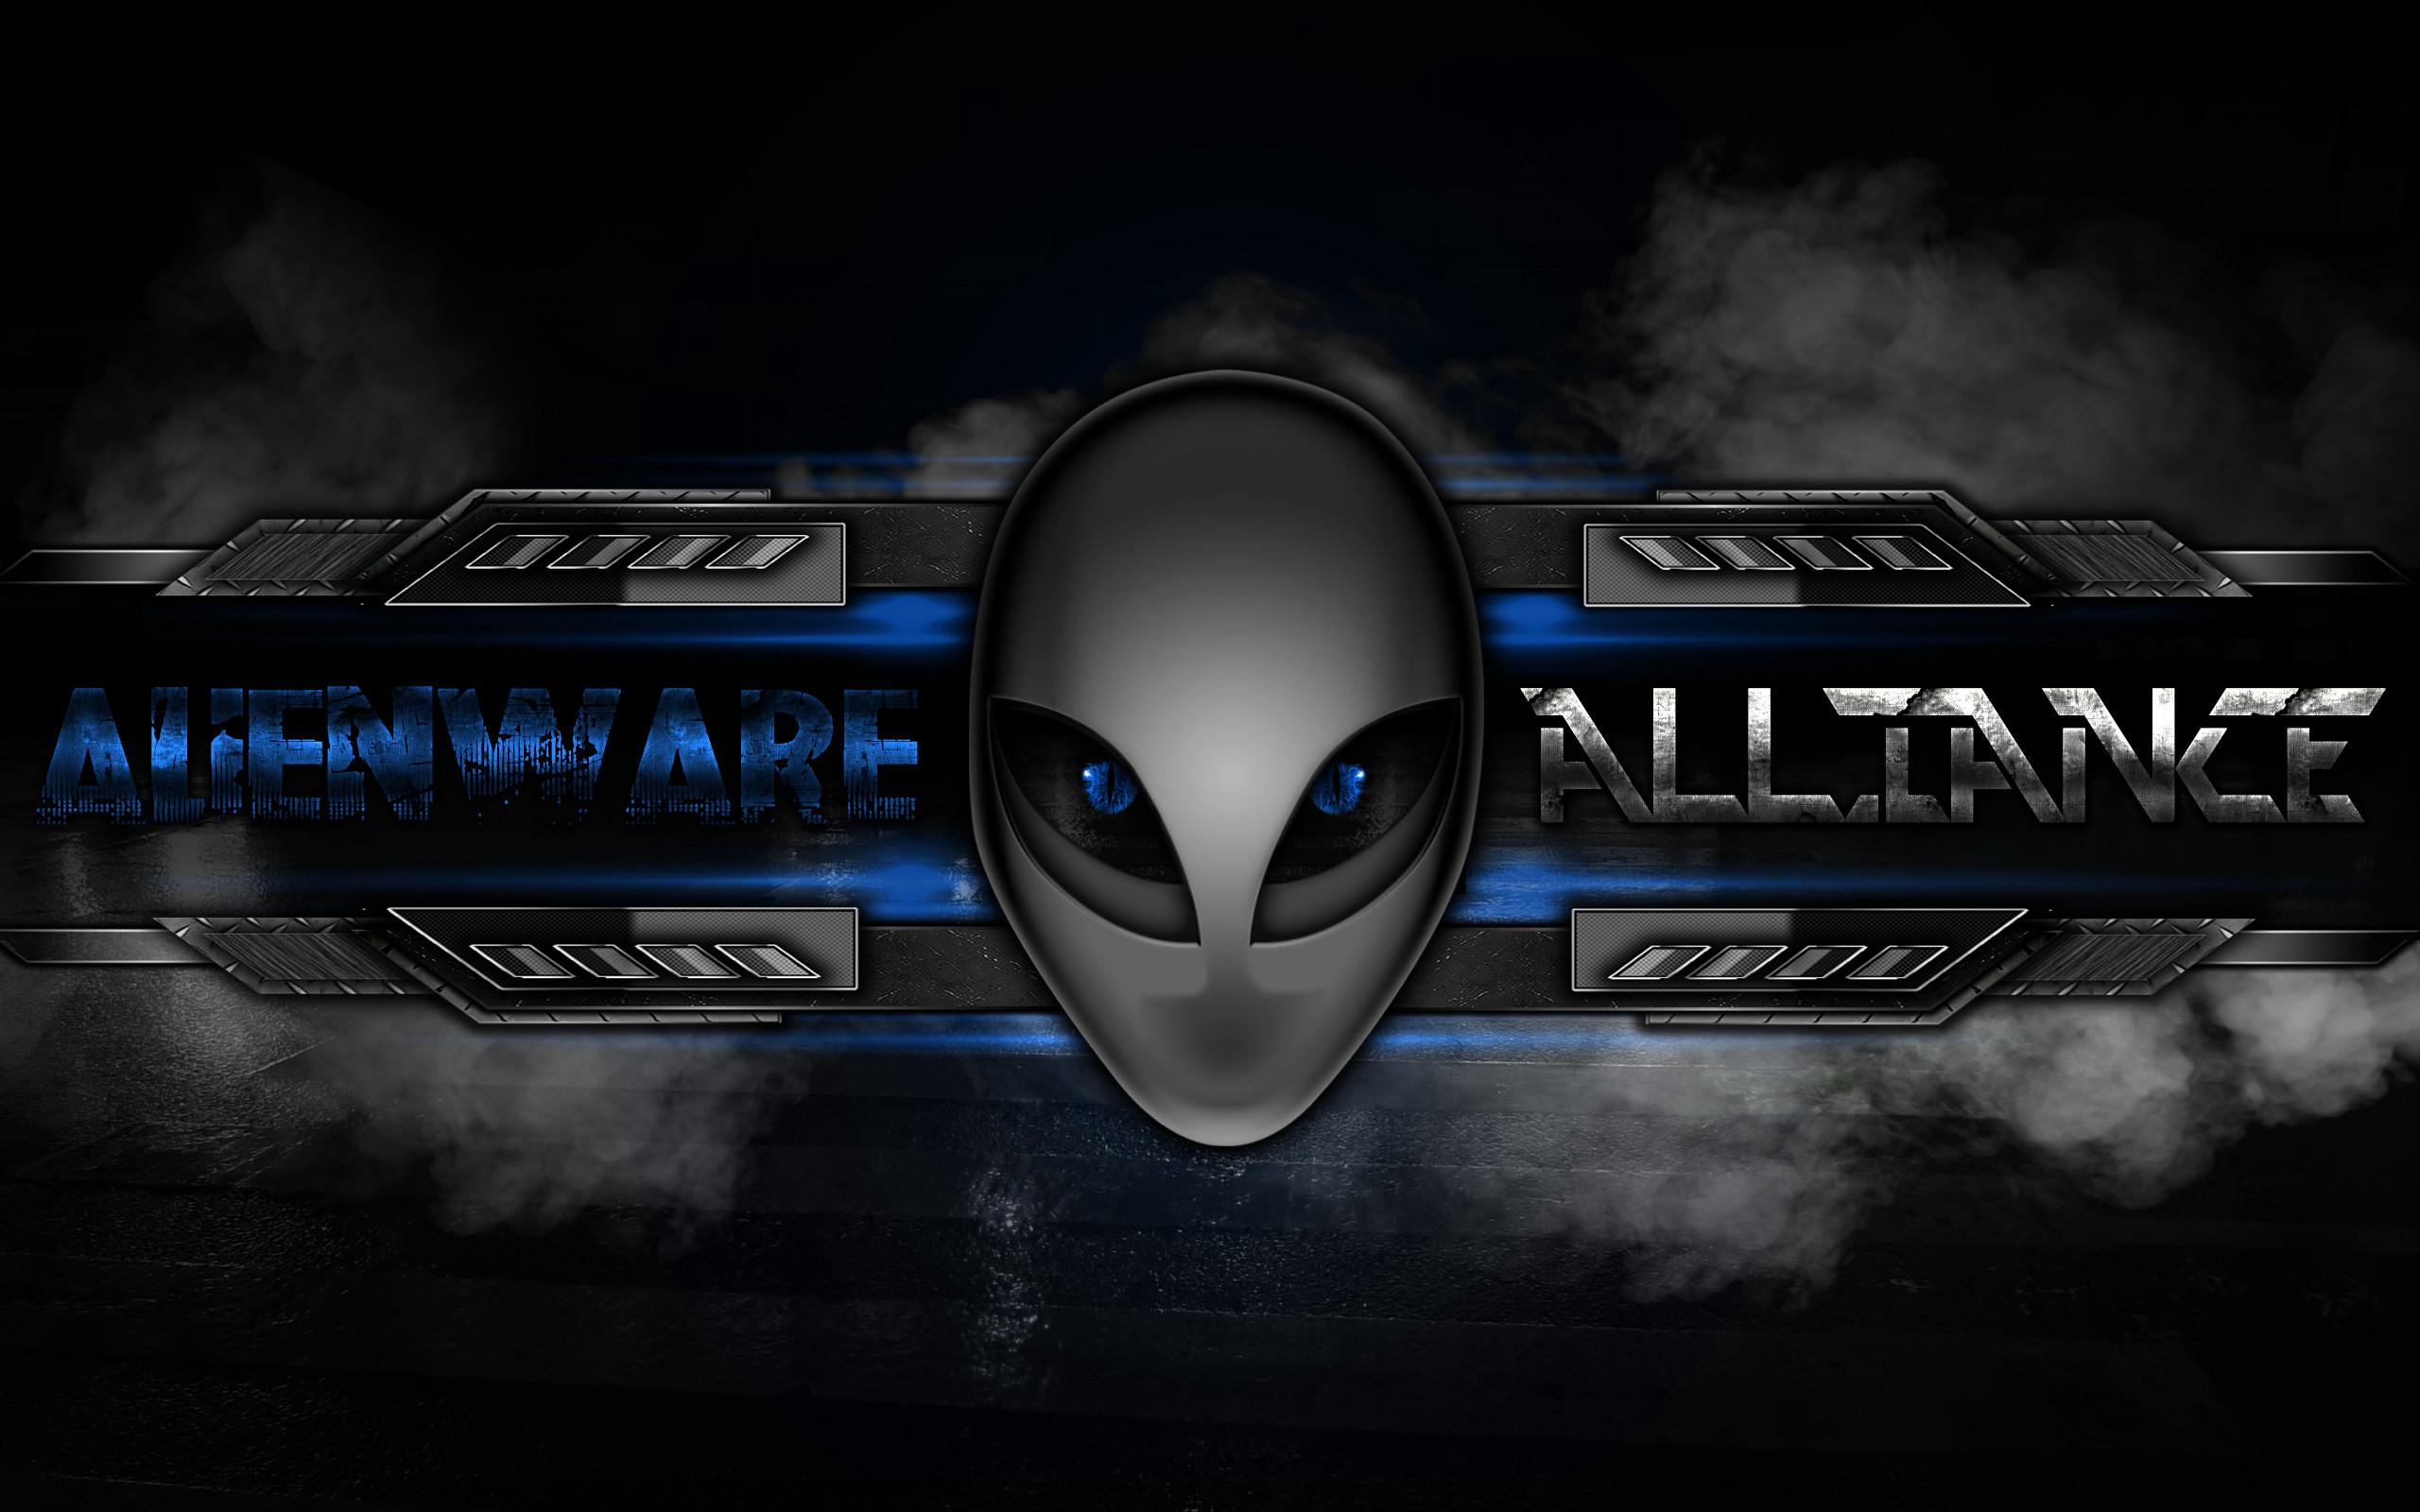 HD Alienware Wallpapers 1920×1080 & Alienware Backgrounds for Laptops .